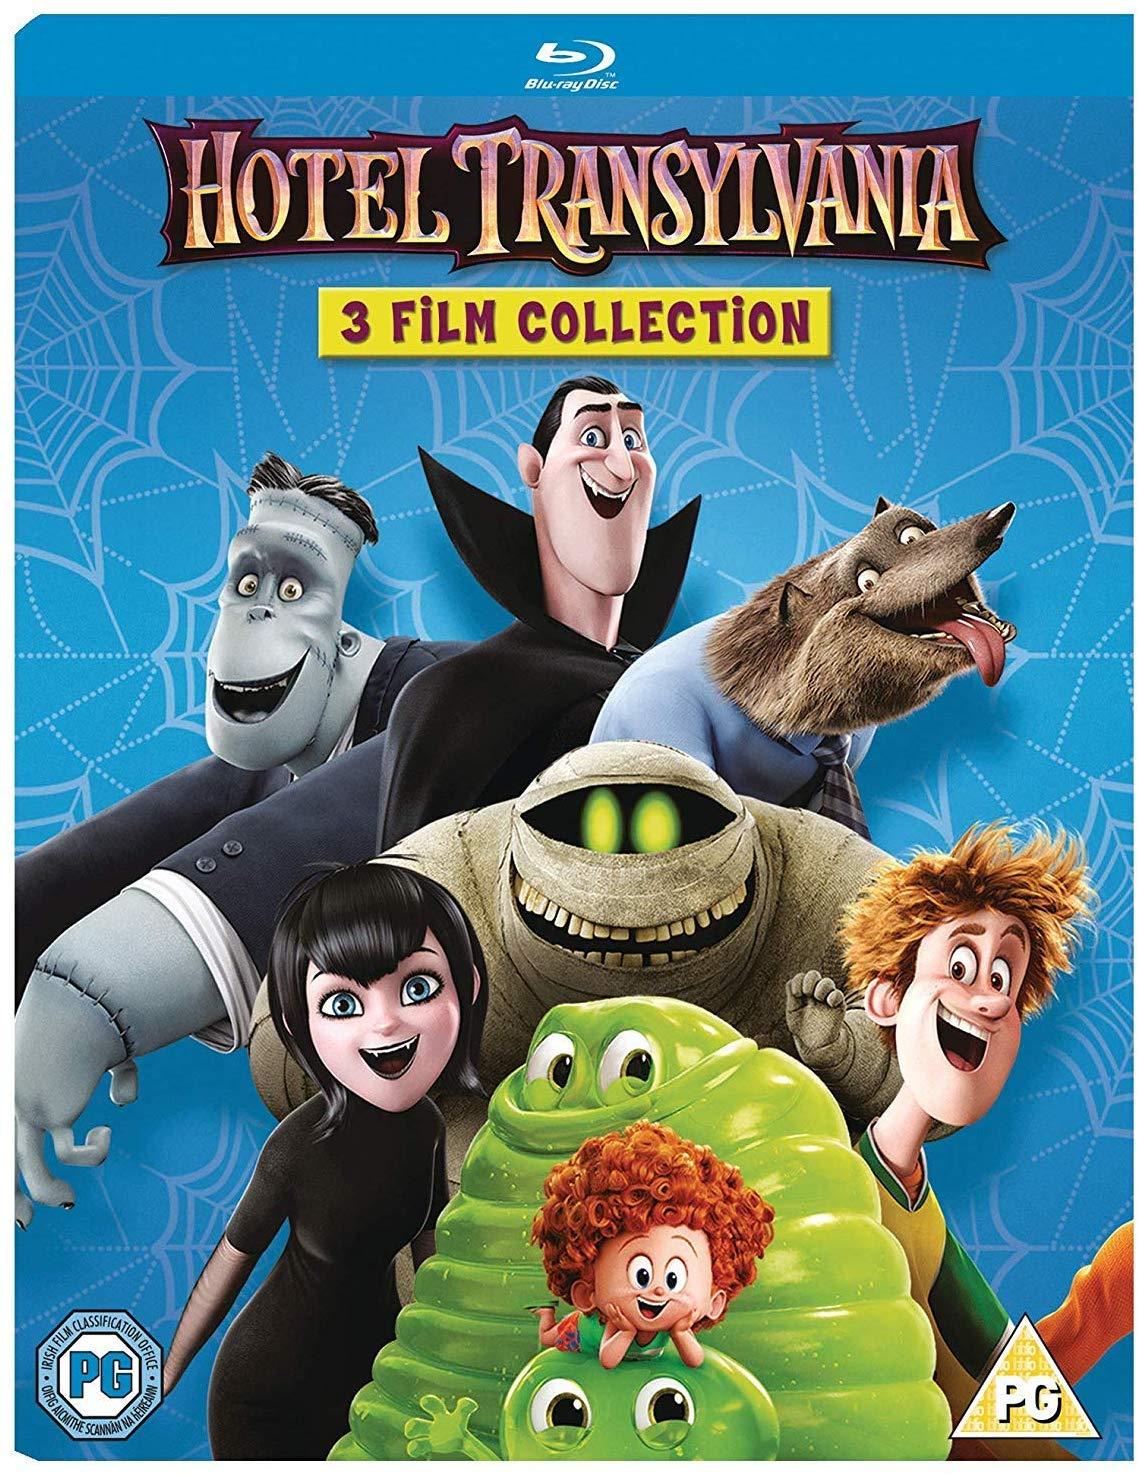 Hotel Transylvania 1-3 blu-ray Boxset £10 at Amazon Prime / £12.99 Non Prime